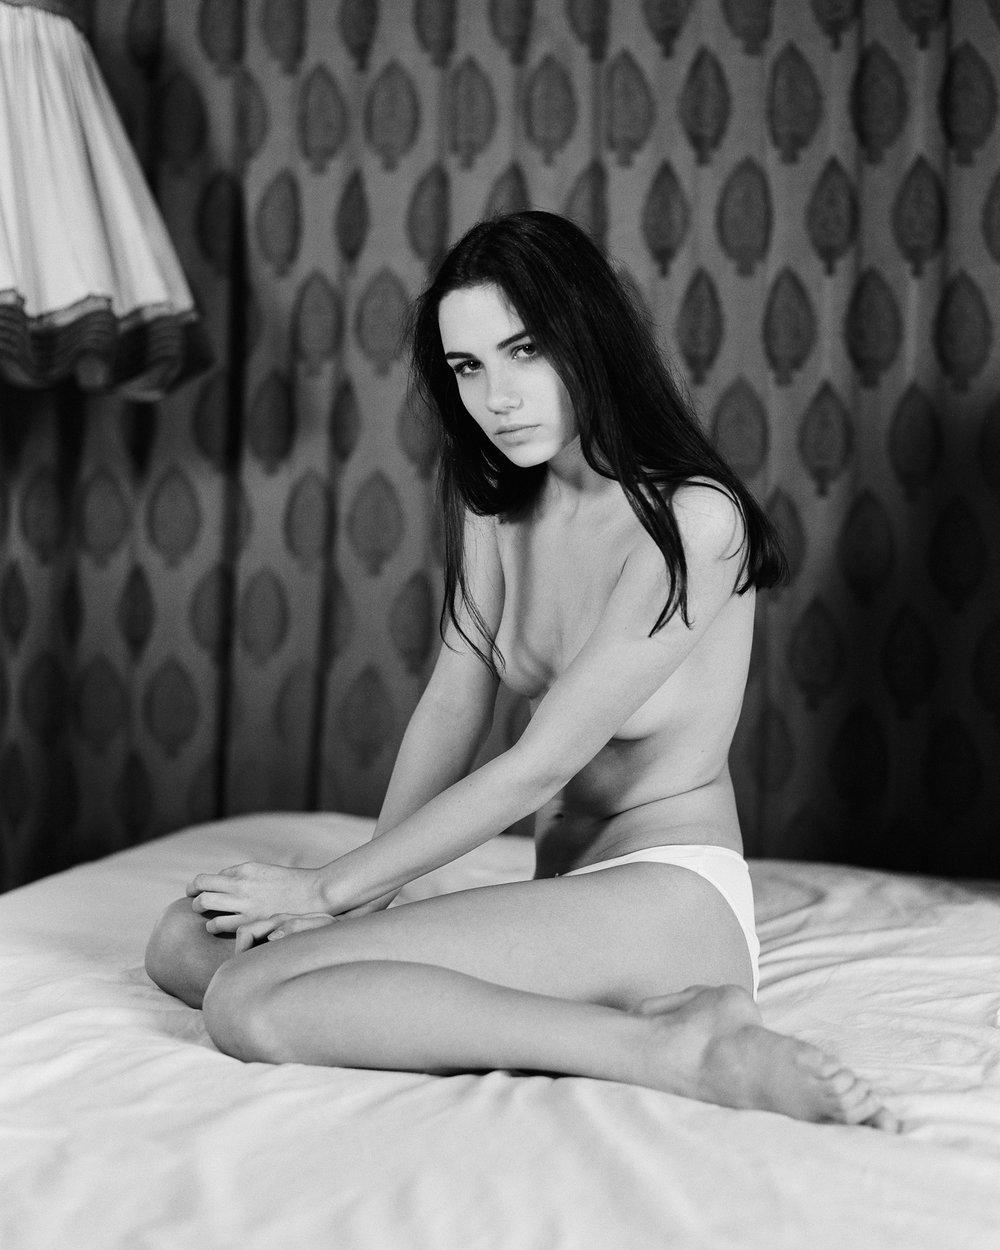 Julia_W_03_02_2018_Kodak_Tri-x_4_8.jpg